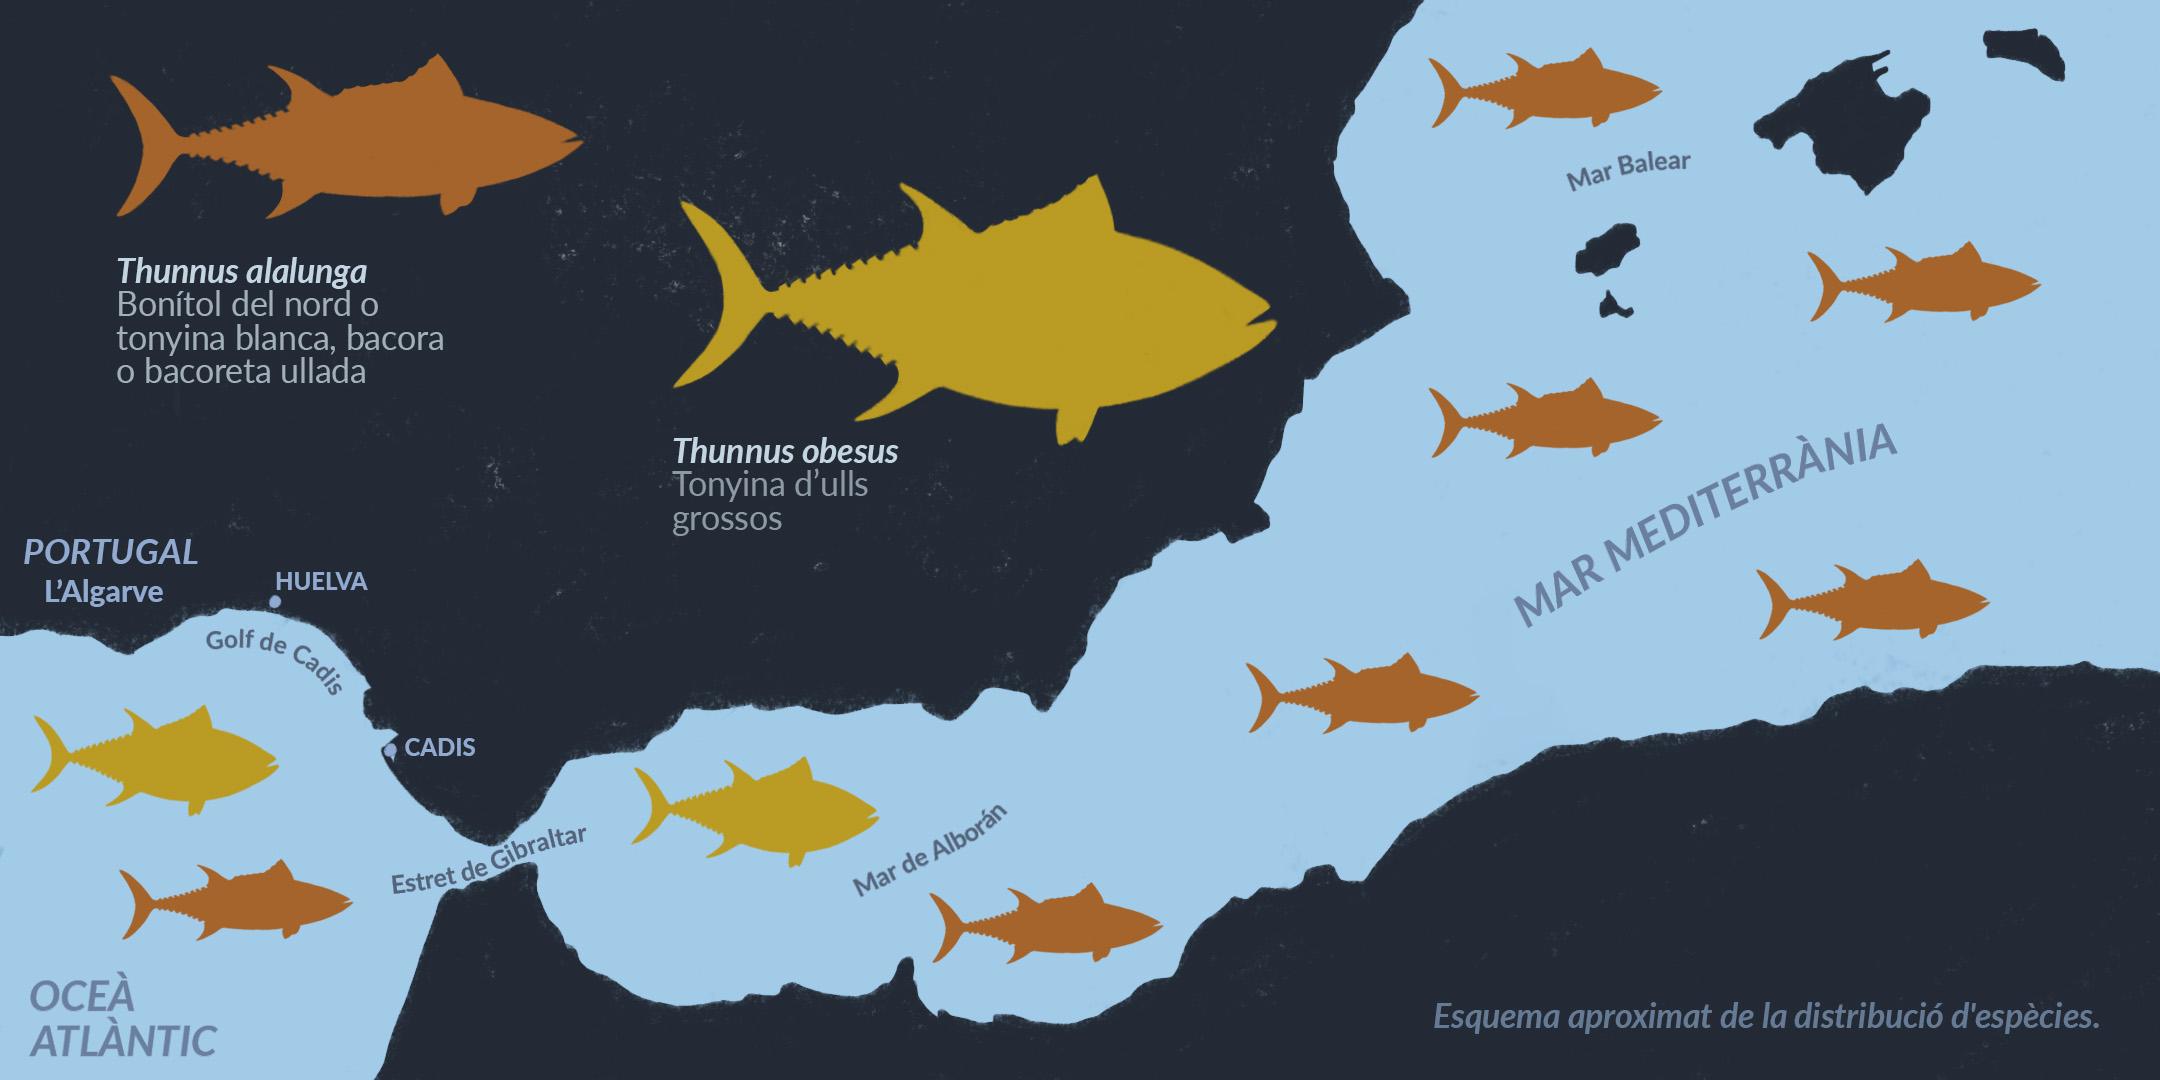 Mapa de distribució aproximada de la bacora i tonyina d'ulls grossos a la Mediterrània oriental i l'Algarve portuguès